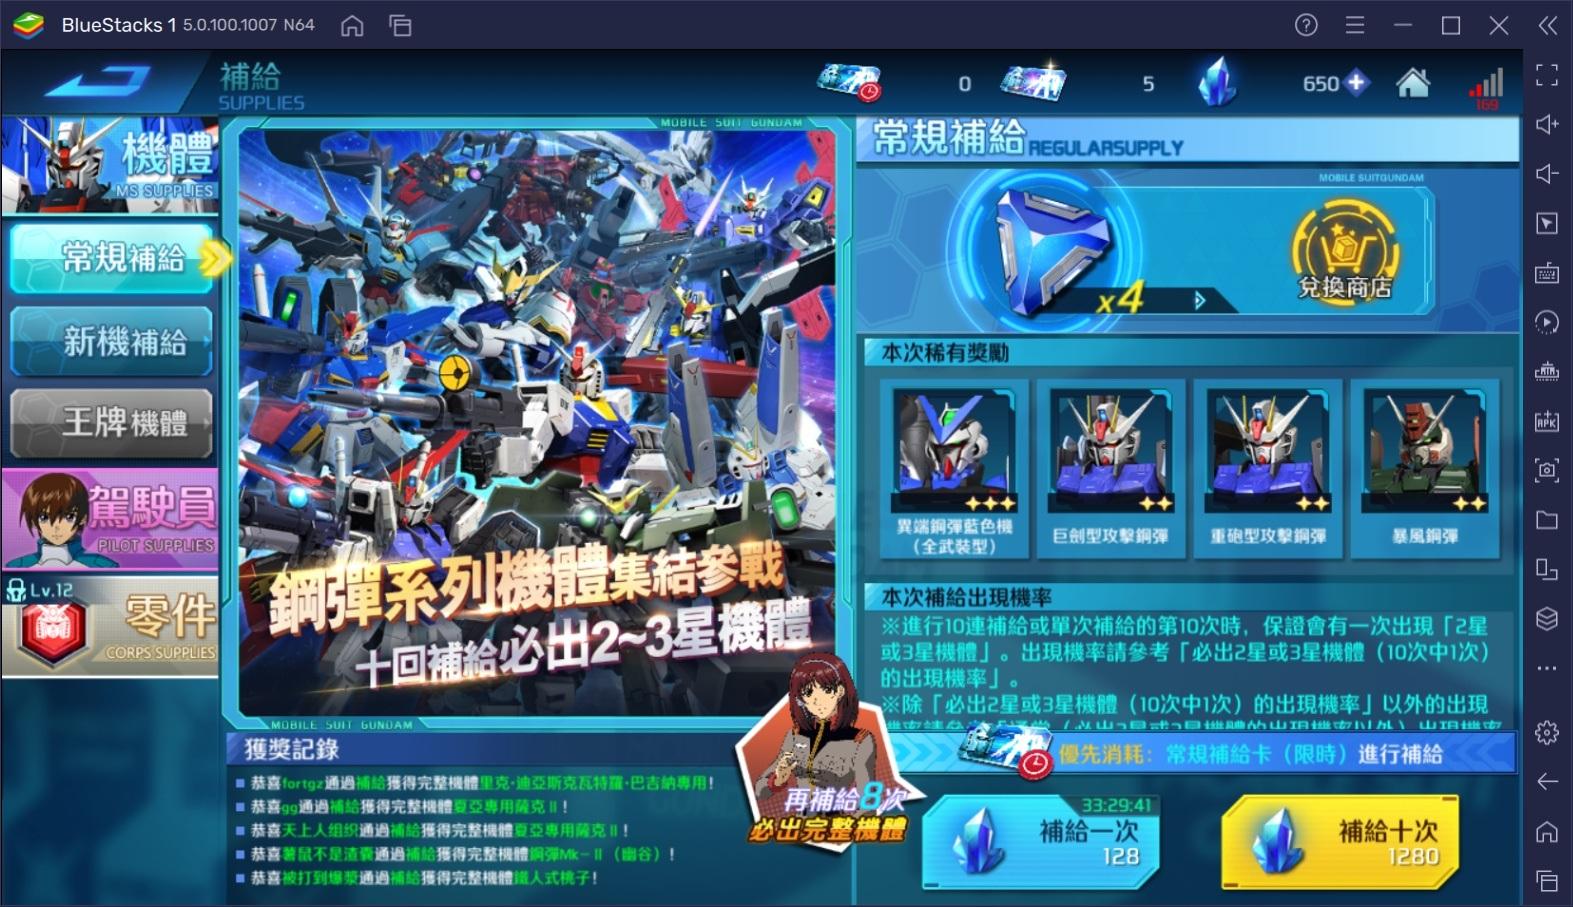 如何用BlueStacks在PC上玩手機遊戲《鋼彈 爭鋒對決》